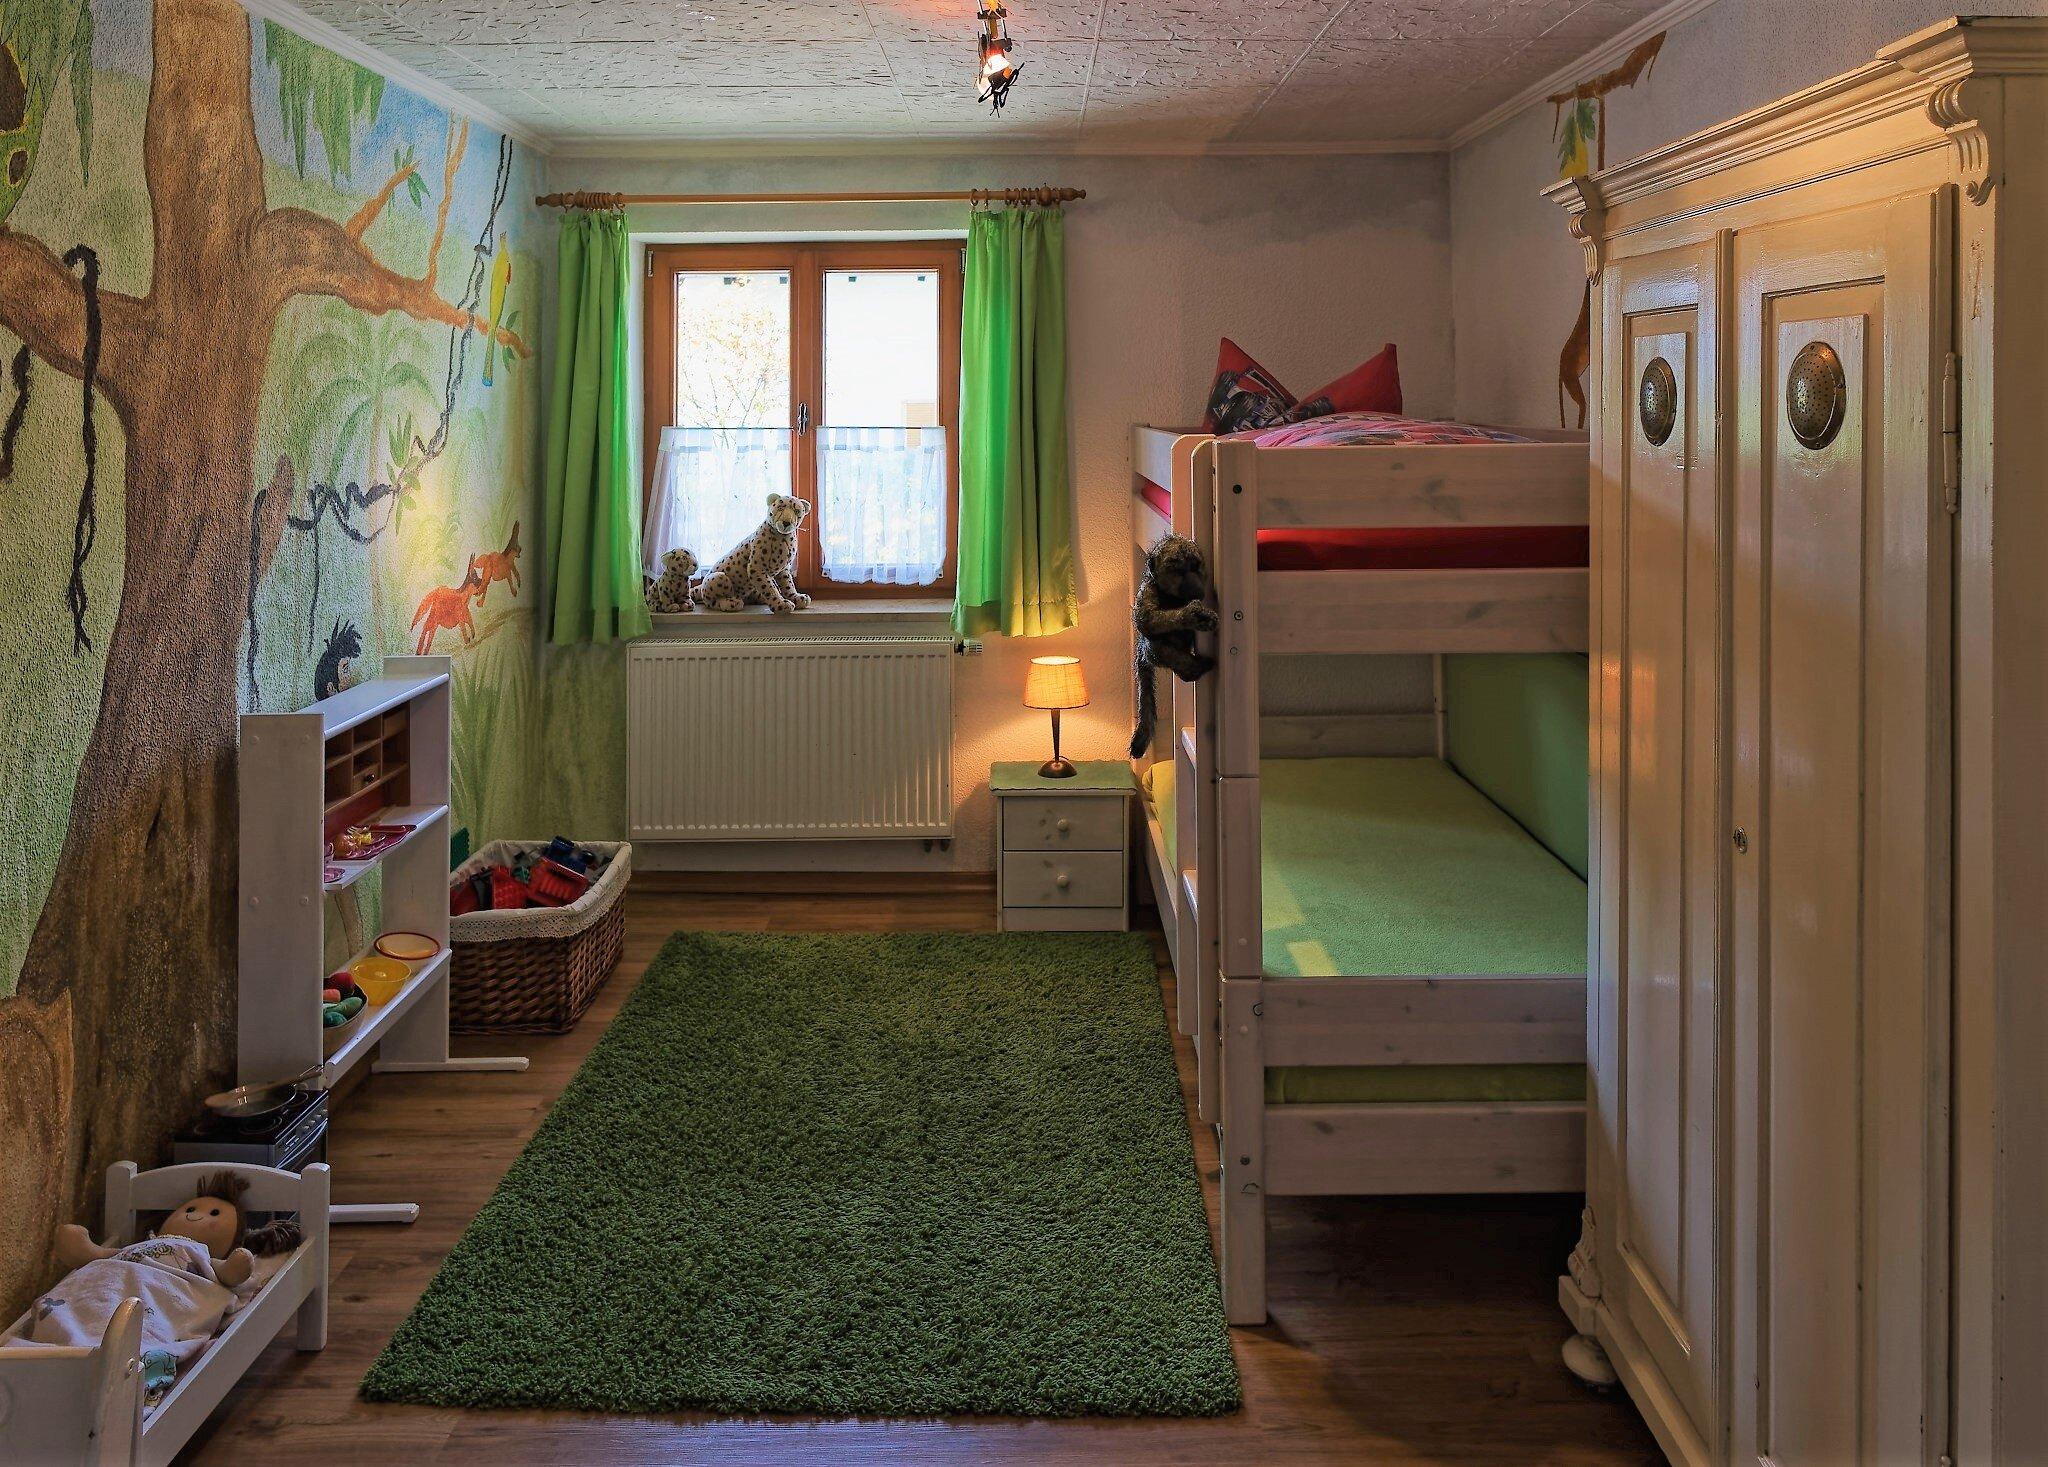 Dschungel Kinderzimmer +Spielzeug